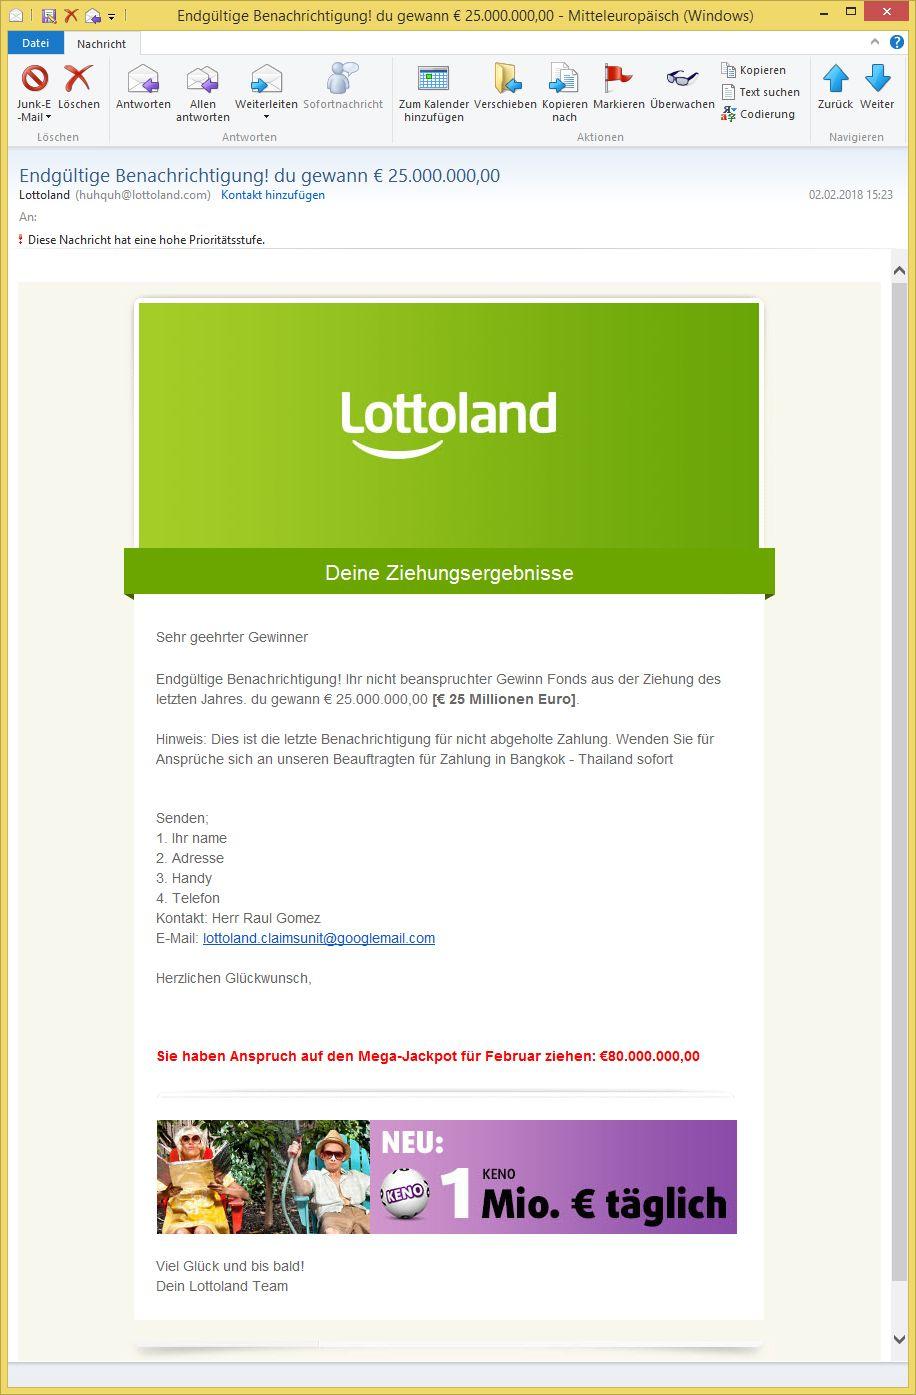 Lottoland Kontakt